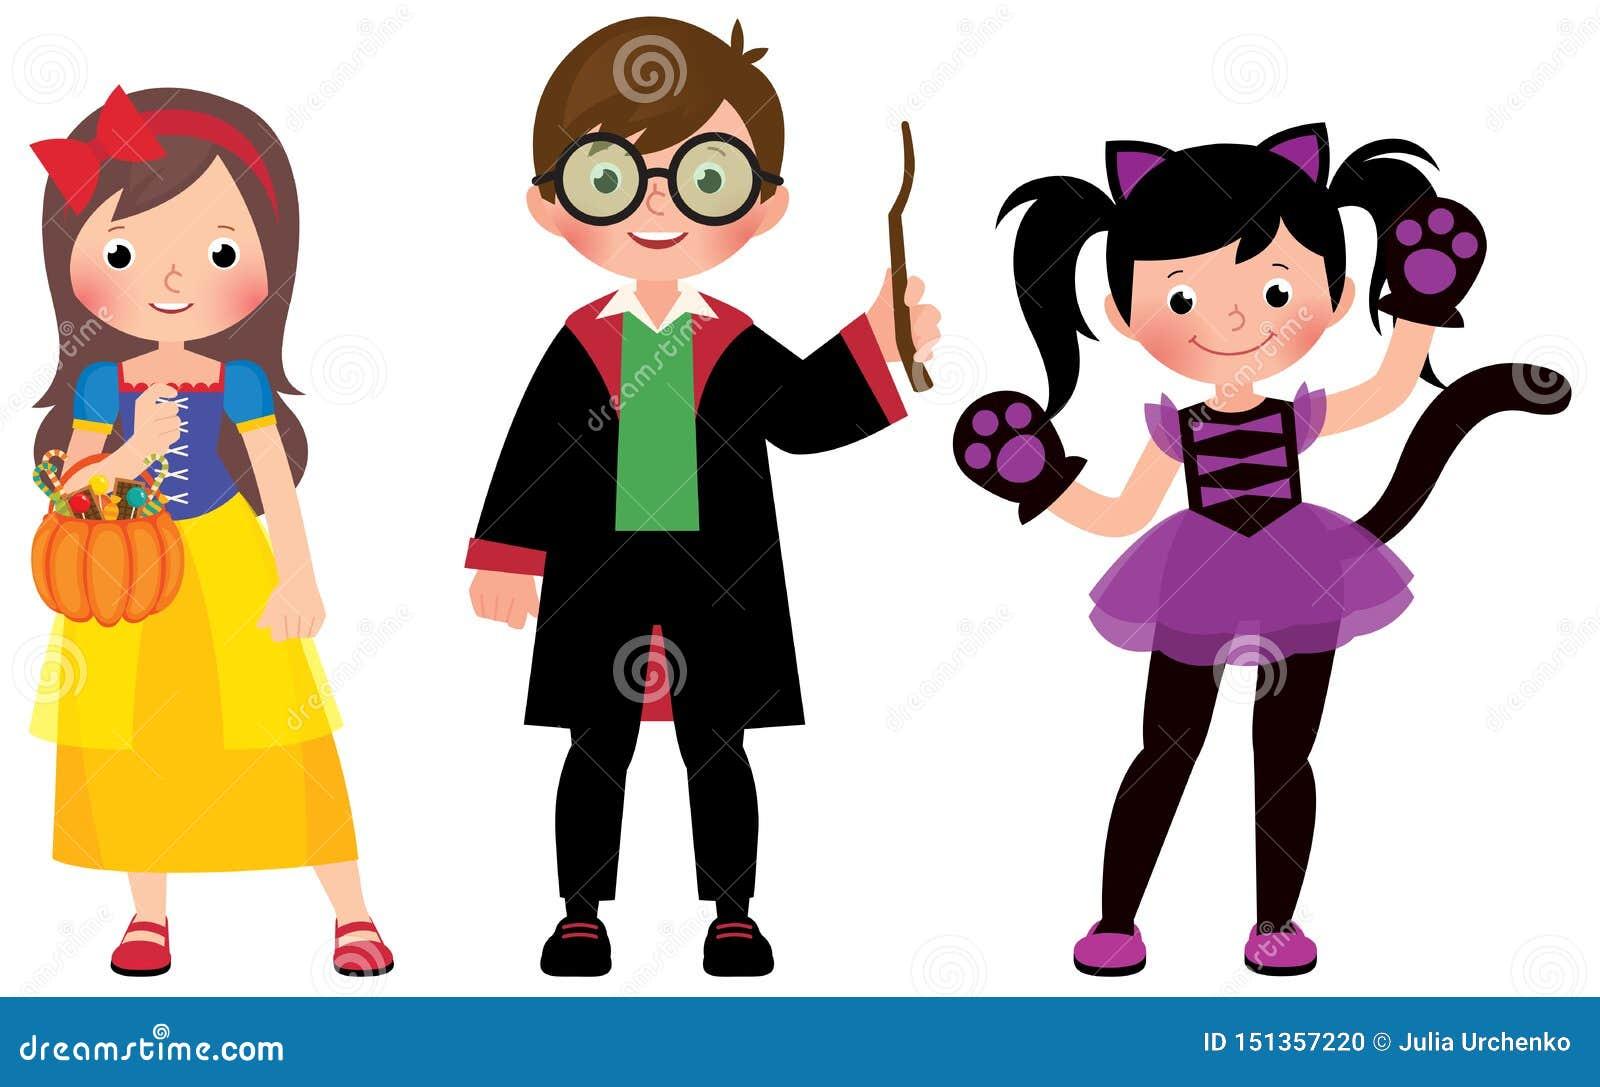 Halloween Costumes Stock Illustrations – 2,727 Halloween ...